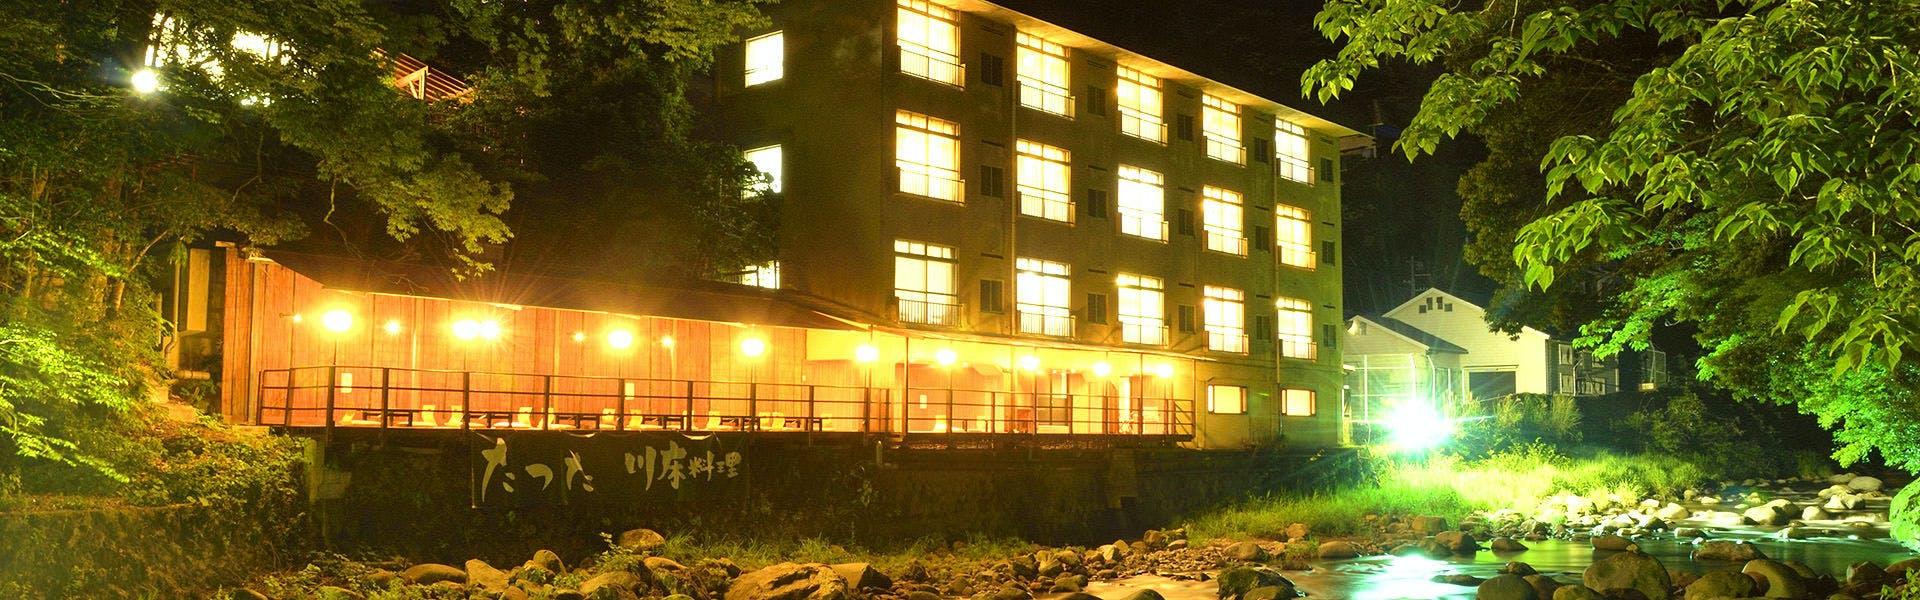 記念日におすすめのホテル・水のみち 風のみち 湯ヶ島 たつたの写真1